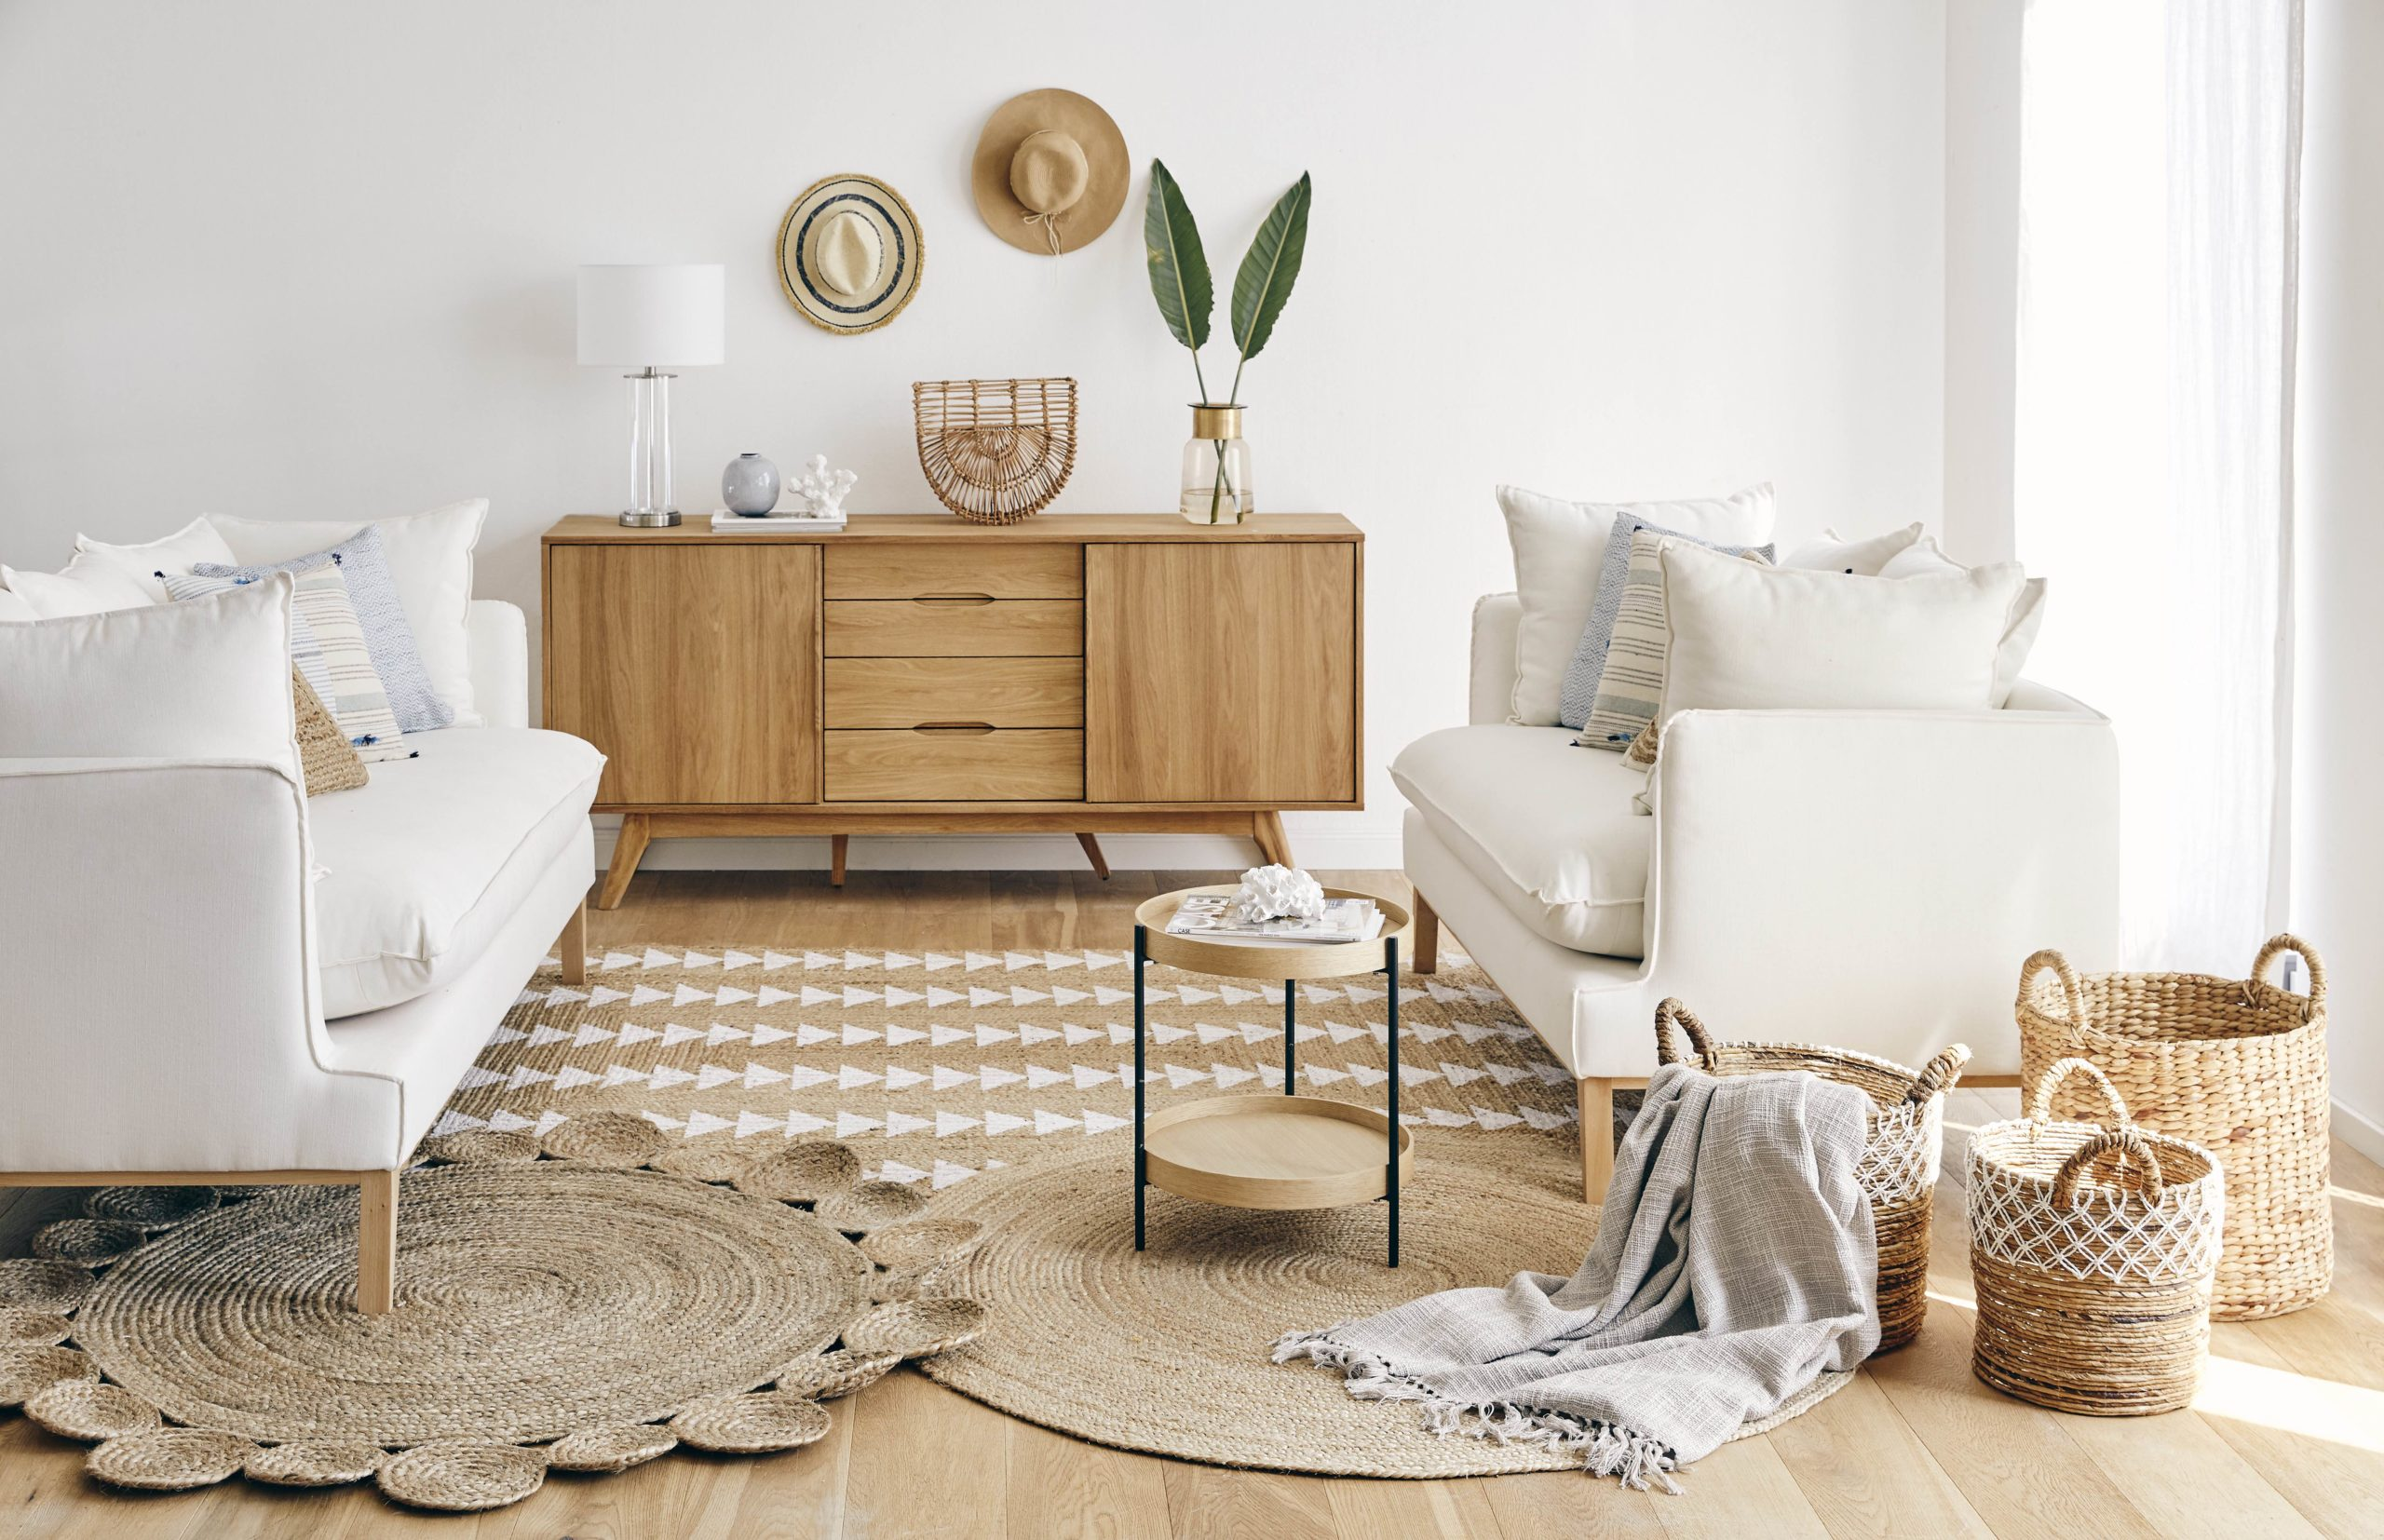 Obývací pokoj v přírodním stylu